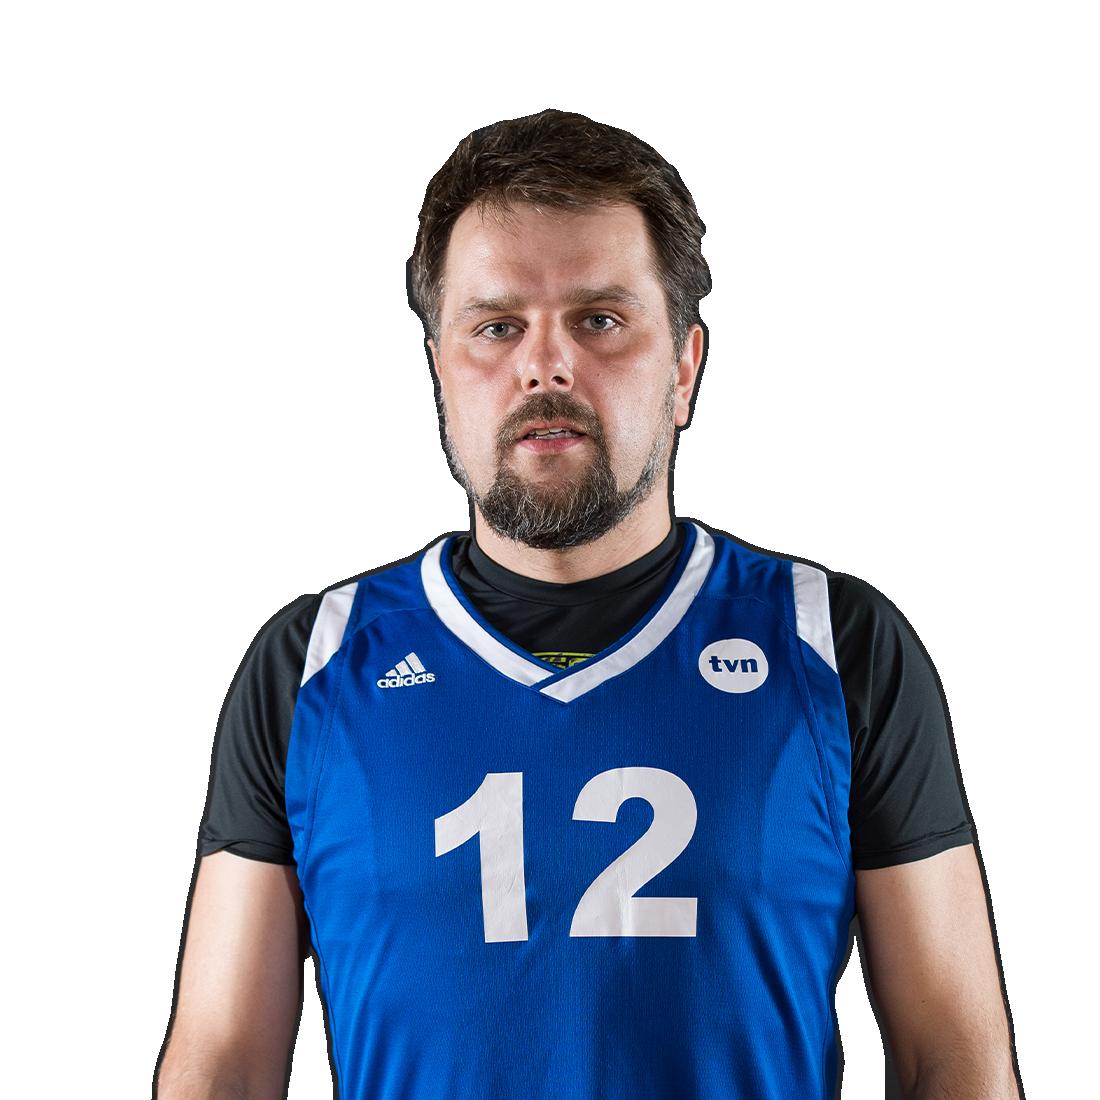 Mariusz Ćwik